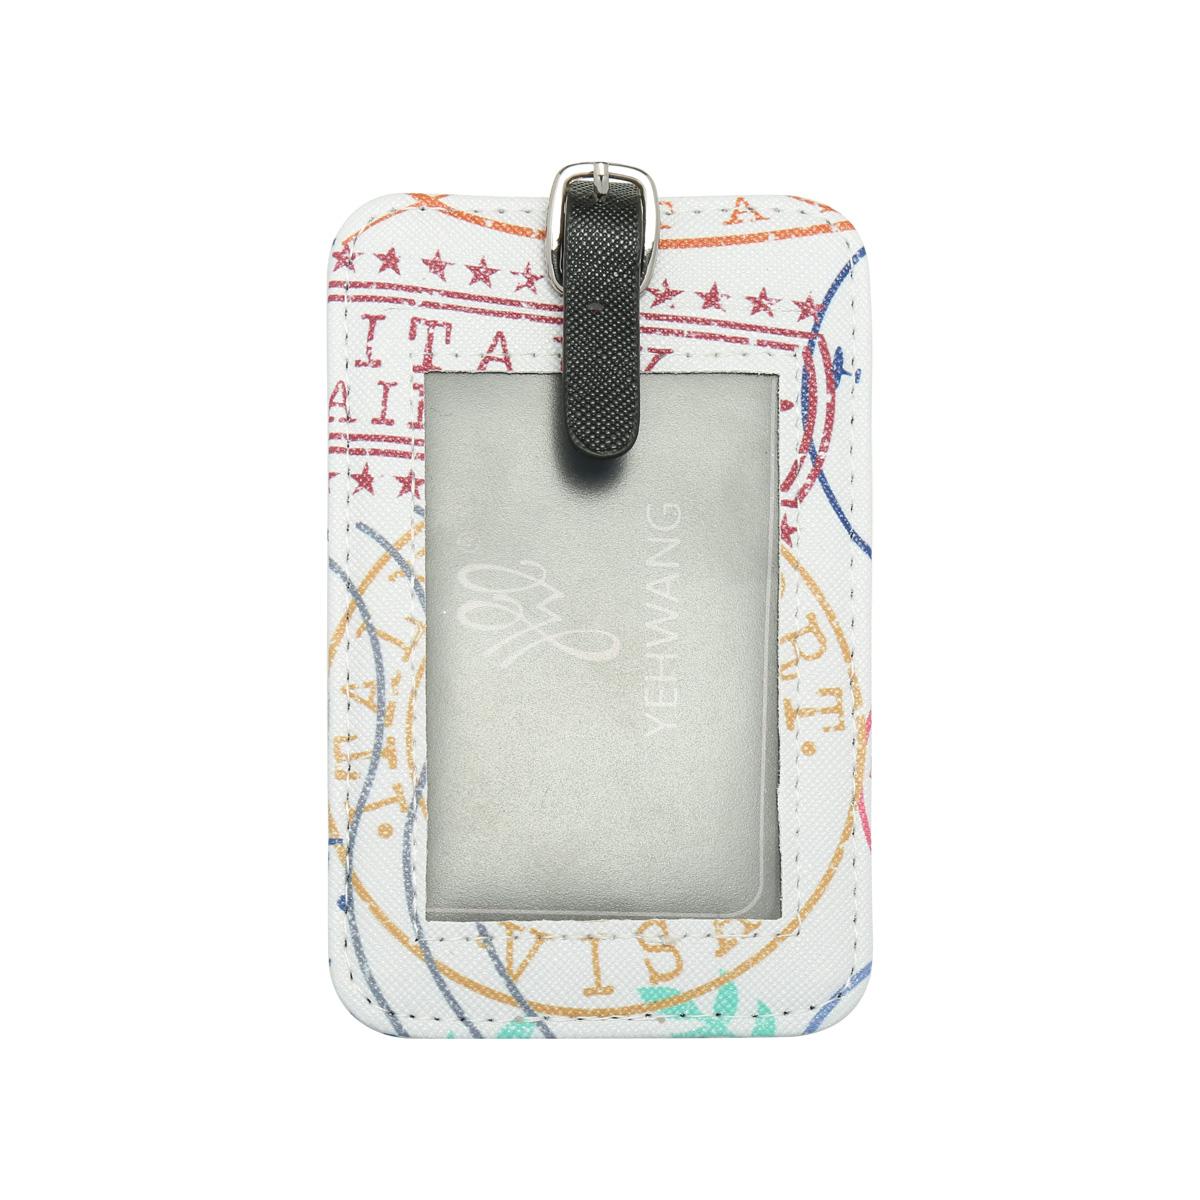 Suitcase tag Voyage